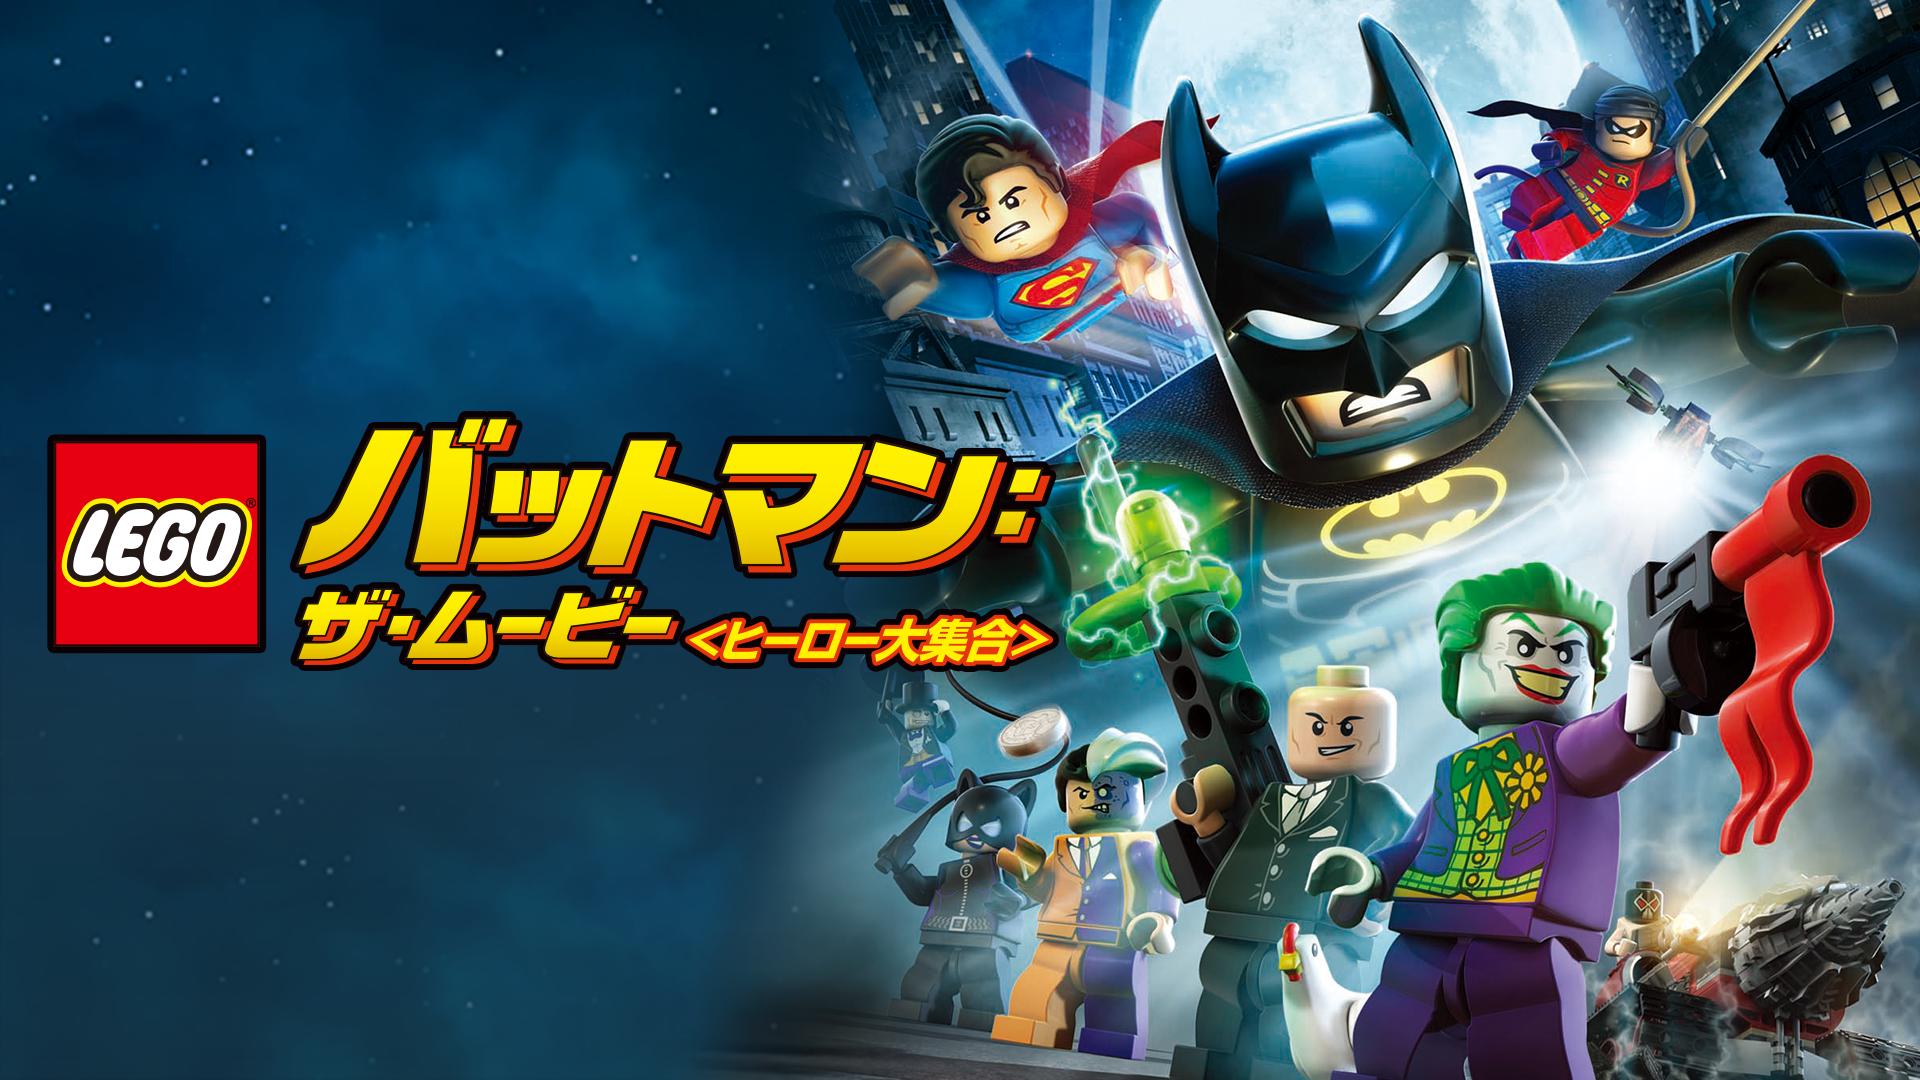 LEGO(R) バットマン: ザ・ムービー<ヒーロー大集合>の動画 - LEGO(R) ネックスナイツ シーズン2